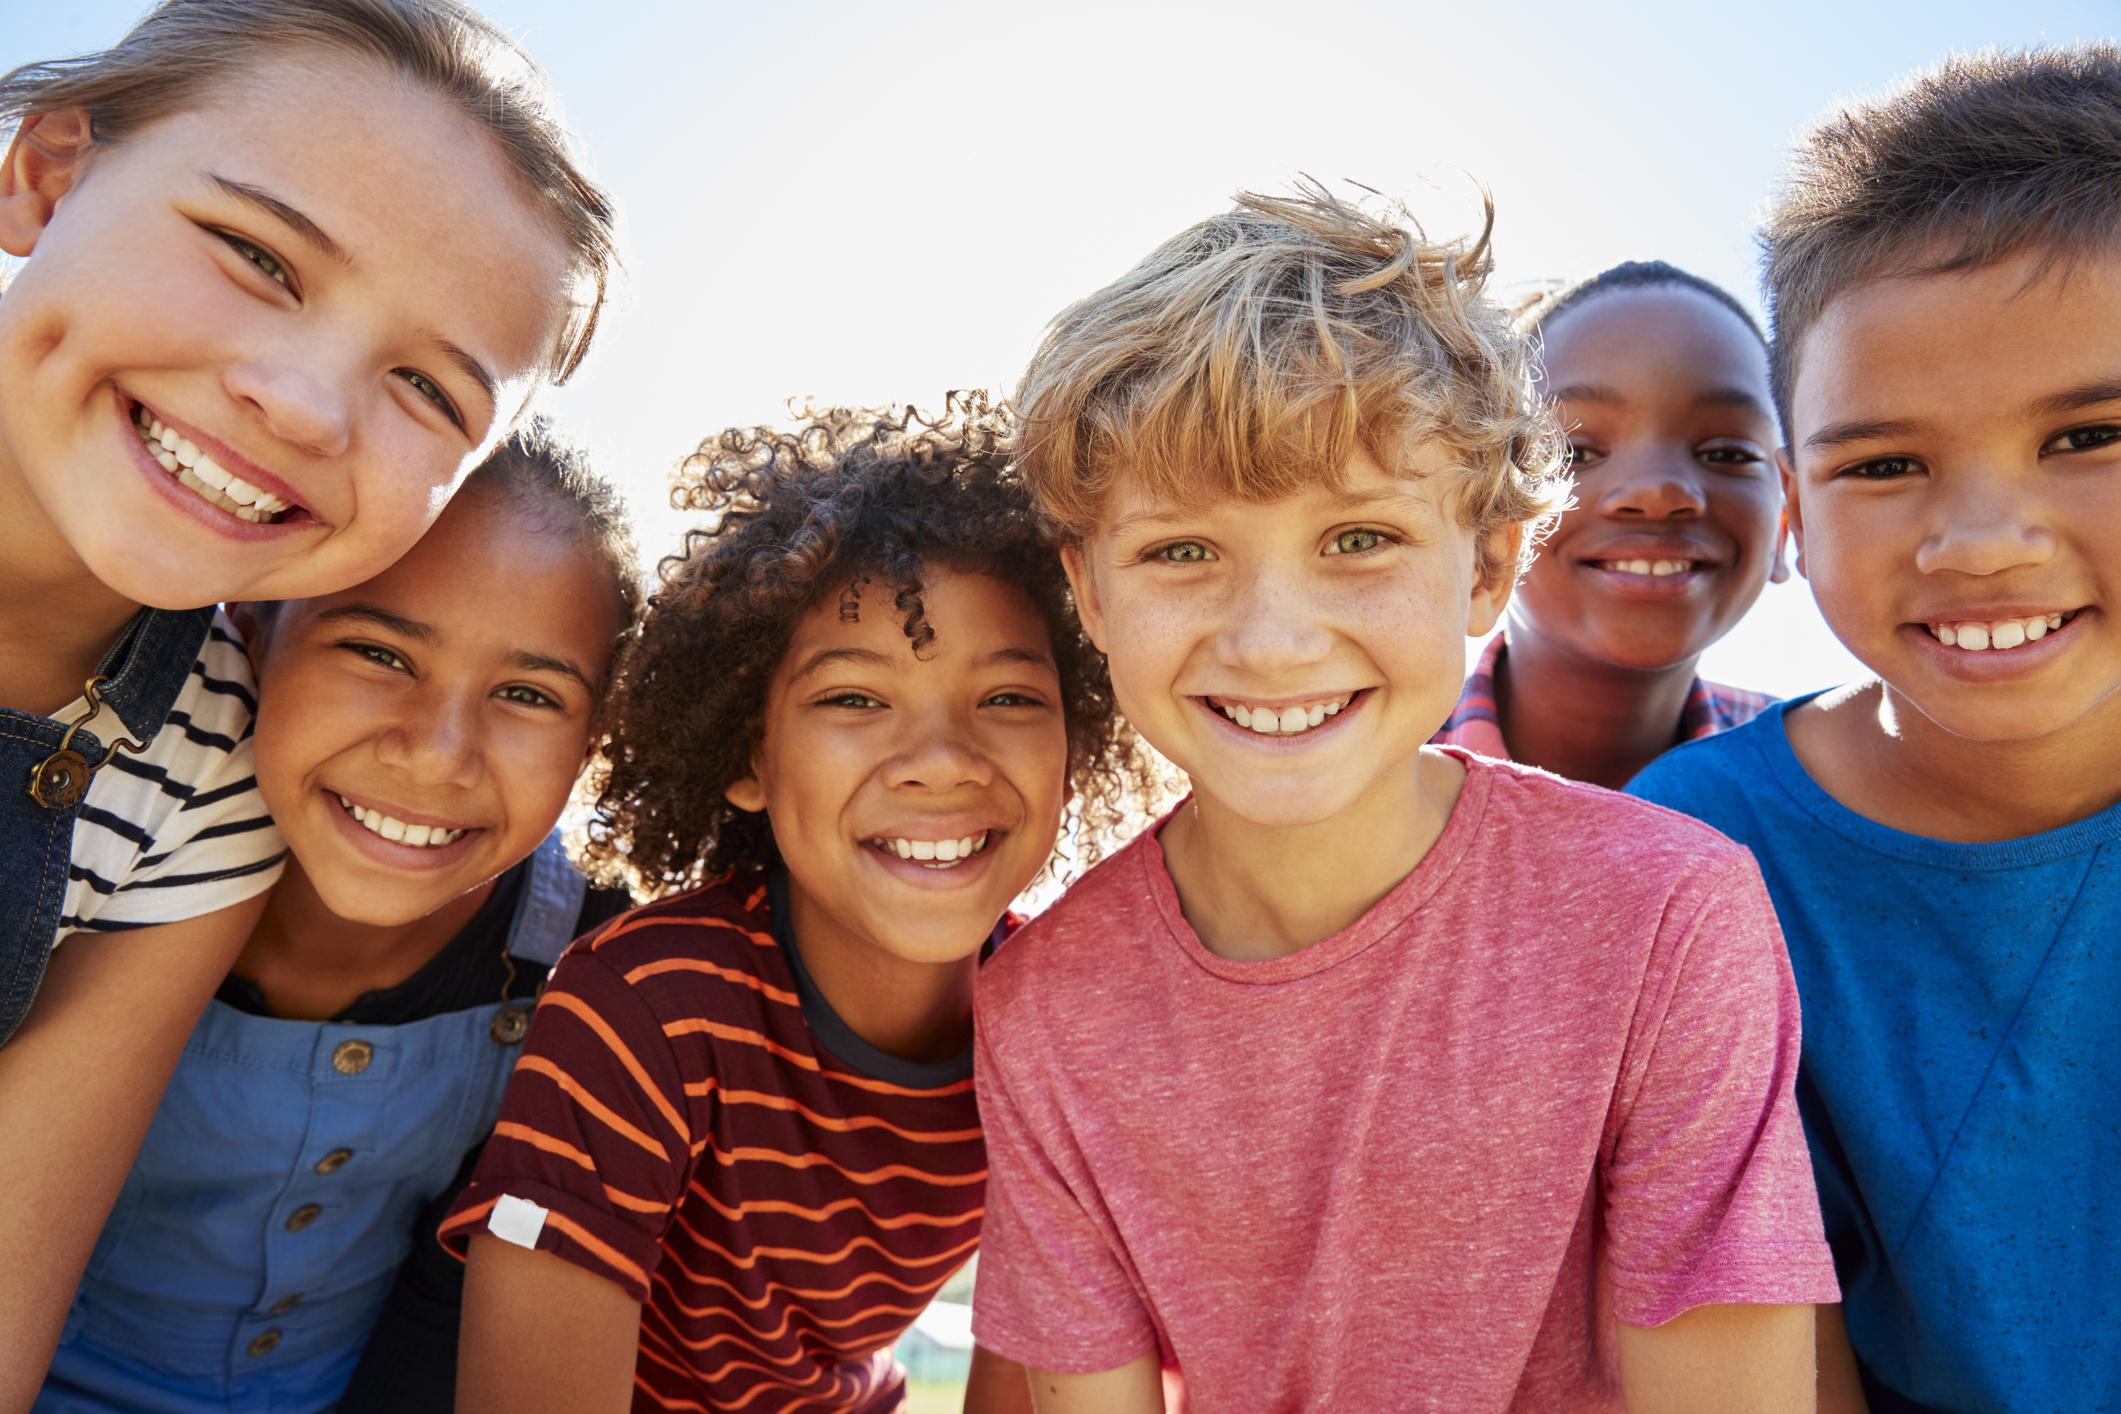 Hình ảnh trẻ em với những màu da khác nhau